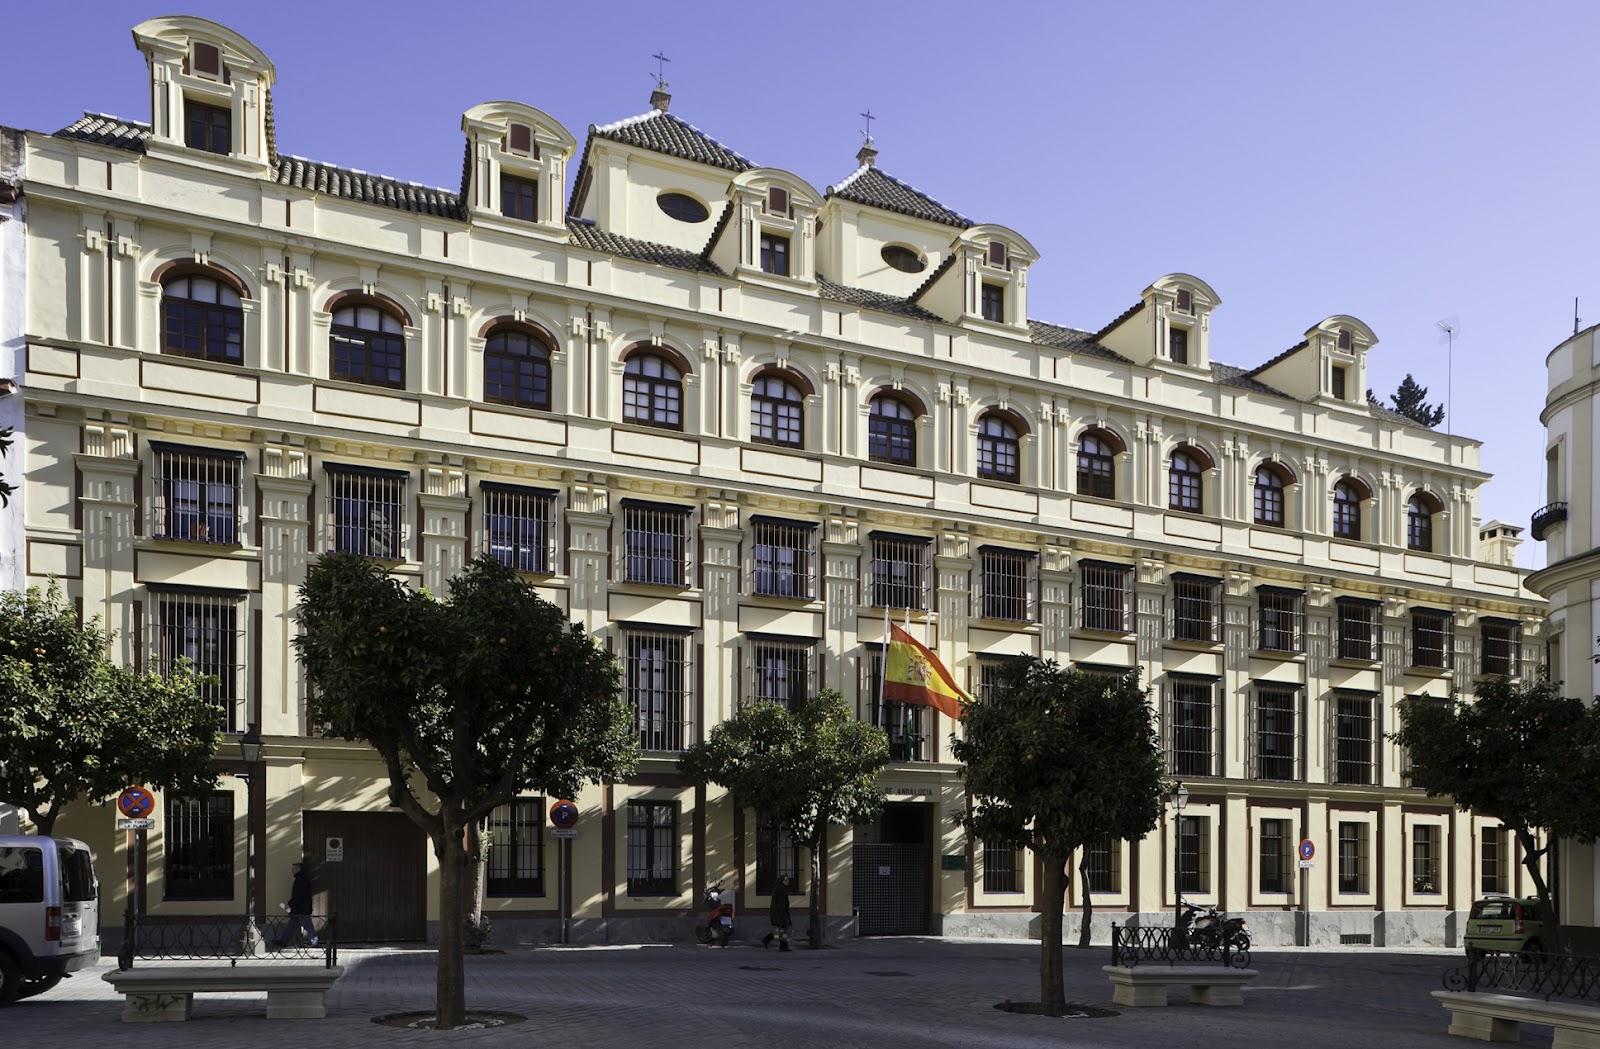 Premio rafael manzano de nueva arquitectura tradicional - La case de l oncle paul ...